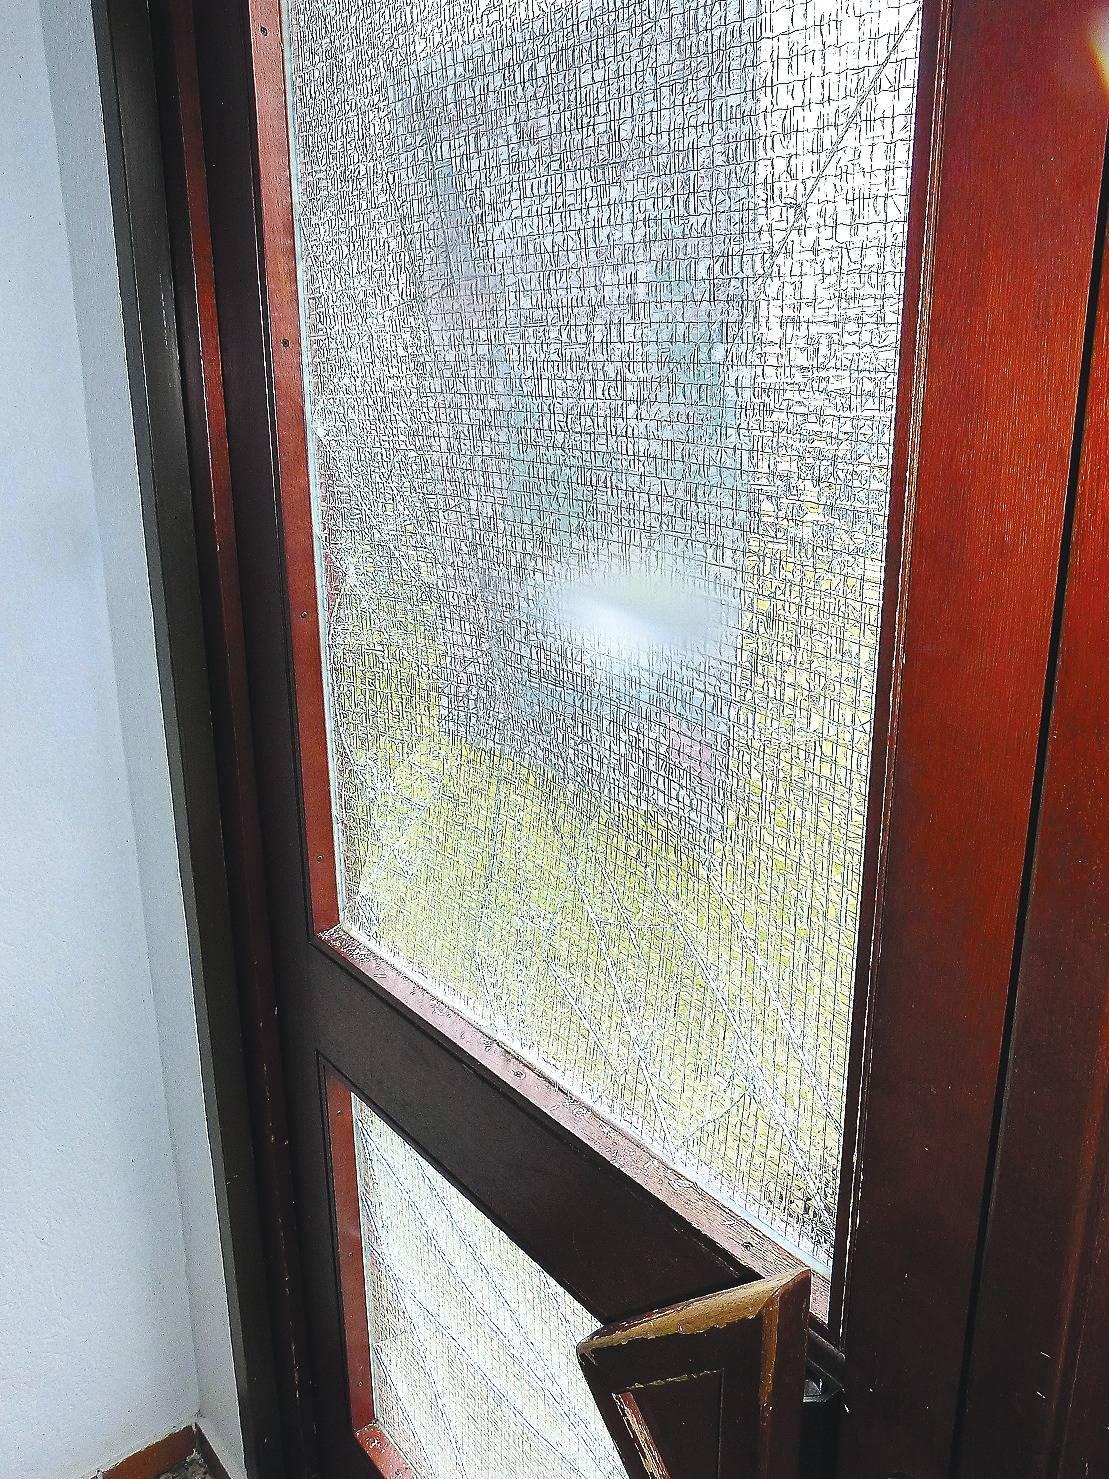 Ungewöhnlich Drahtverstärktes Glas Für Türen Fotos - Schaltplan ...